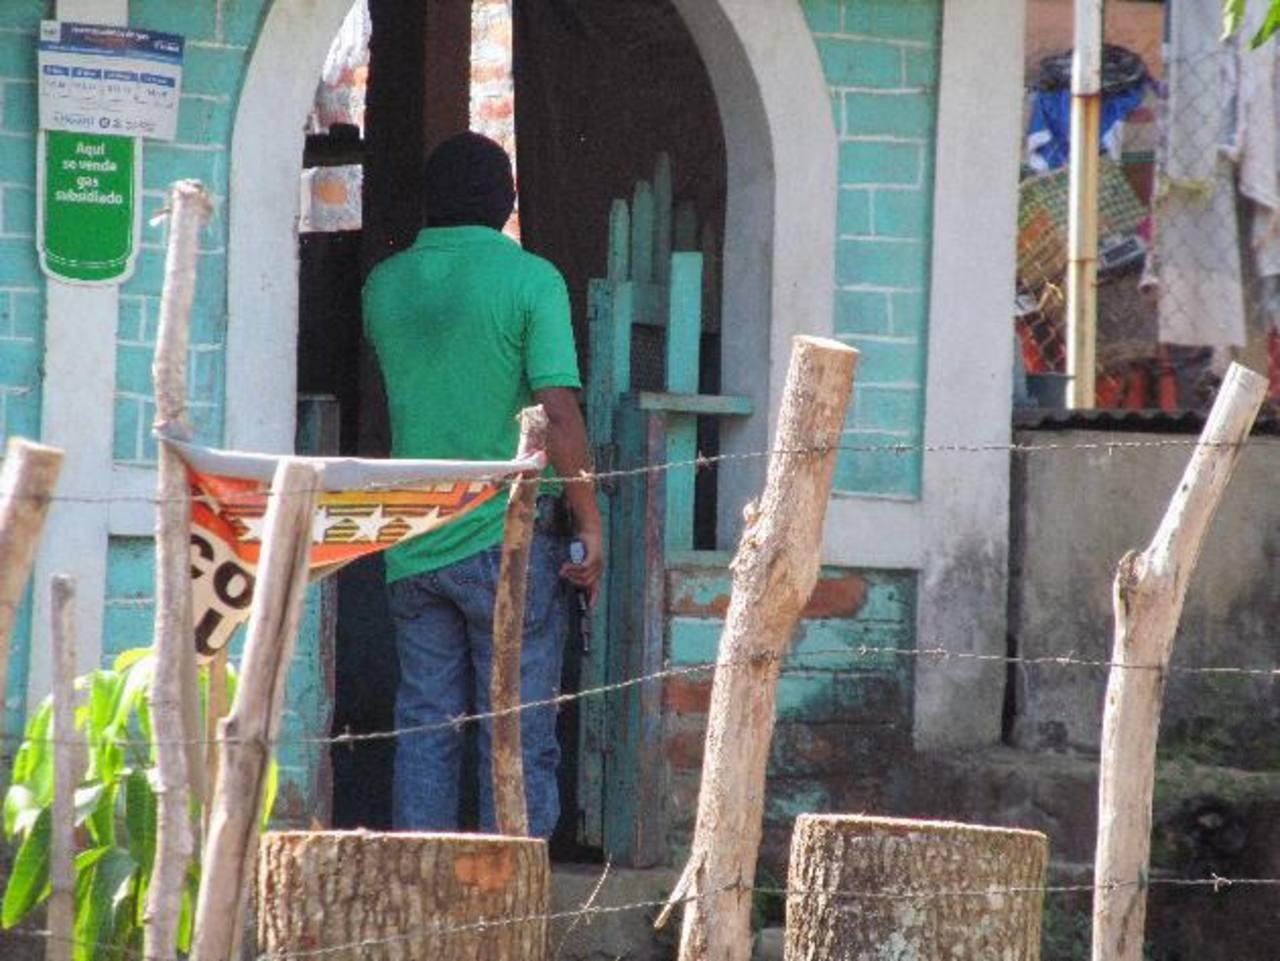 Tras el ataque, la Policía realizó un operativo en el sector. Hubo dos capturas. Foto EDH / JORGE BELTRÁN